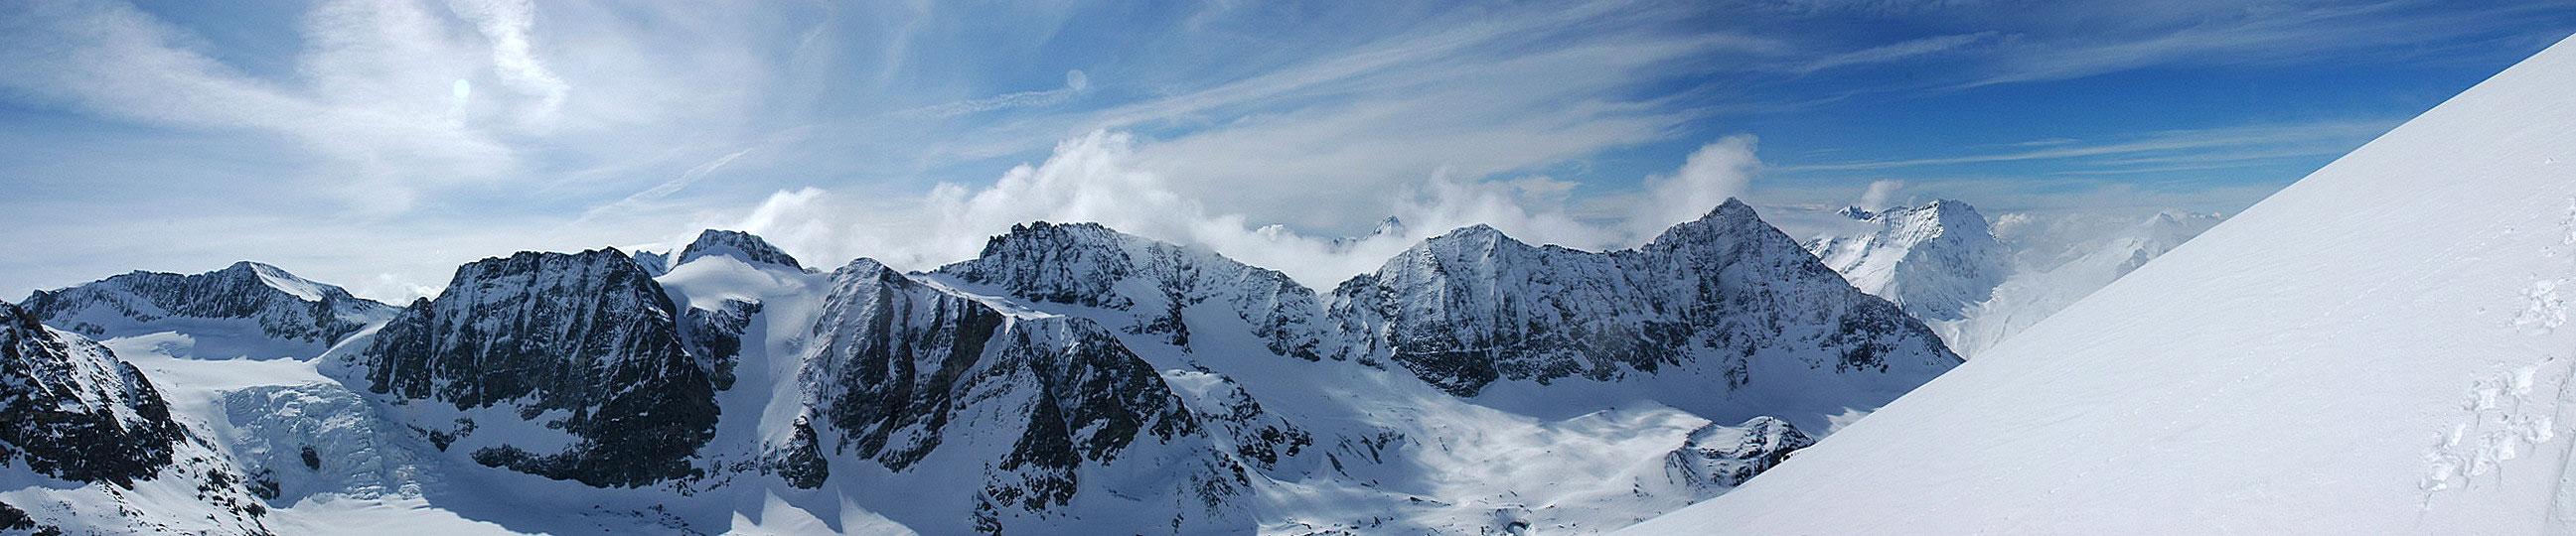 La Ruinette Walliser Alpen / Alpes valaisannes Switzerland panorama 17